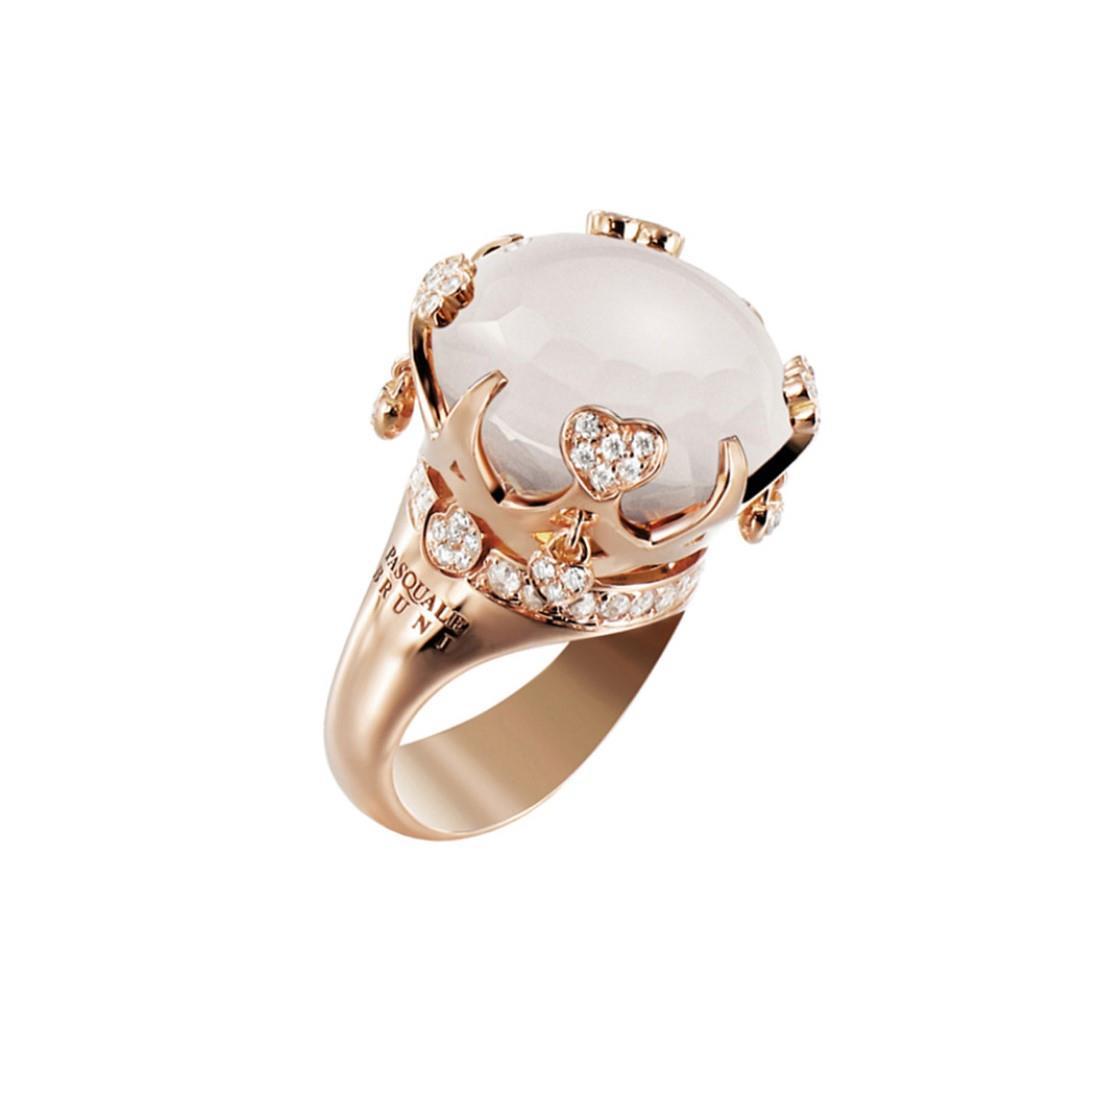 Anello con diamanti e quarzo bianco - PASQUALE BRUNI